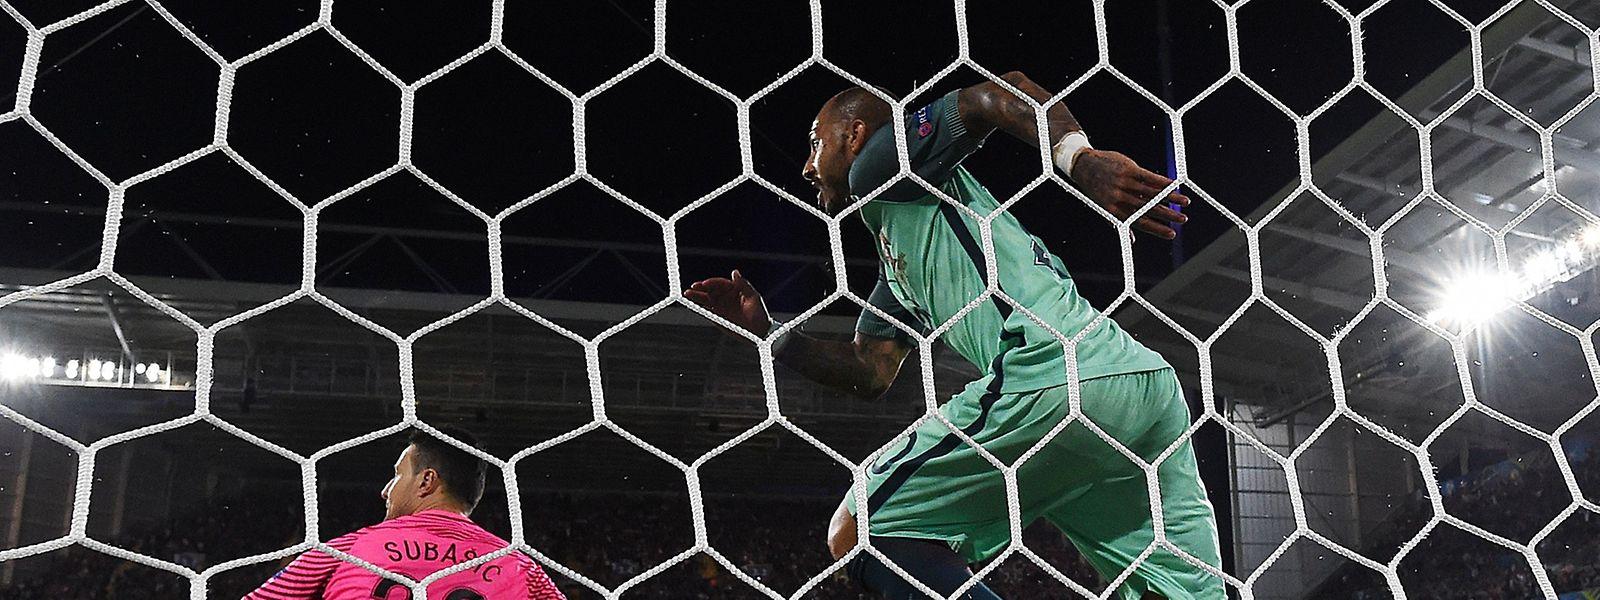 Nach knapp 120 Minuten erlöst Ricardo Quaresma die portugiesischen Fans und die Zuschauer am Fernseher mit dem entscheidenden 1:0.